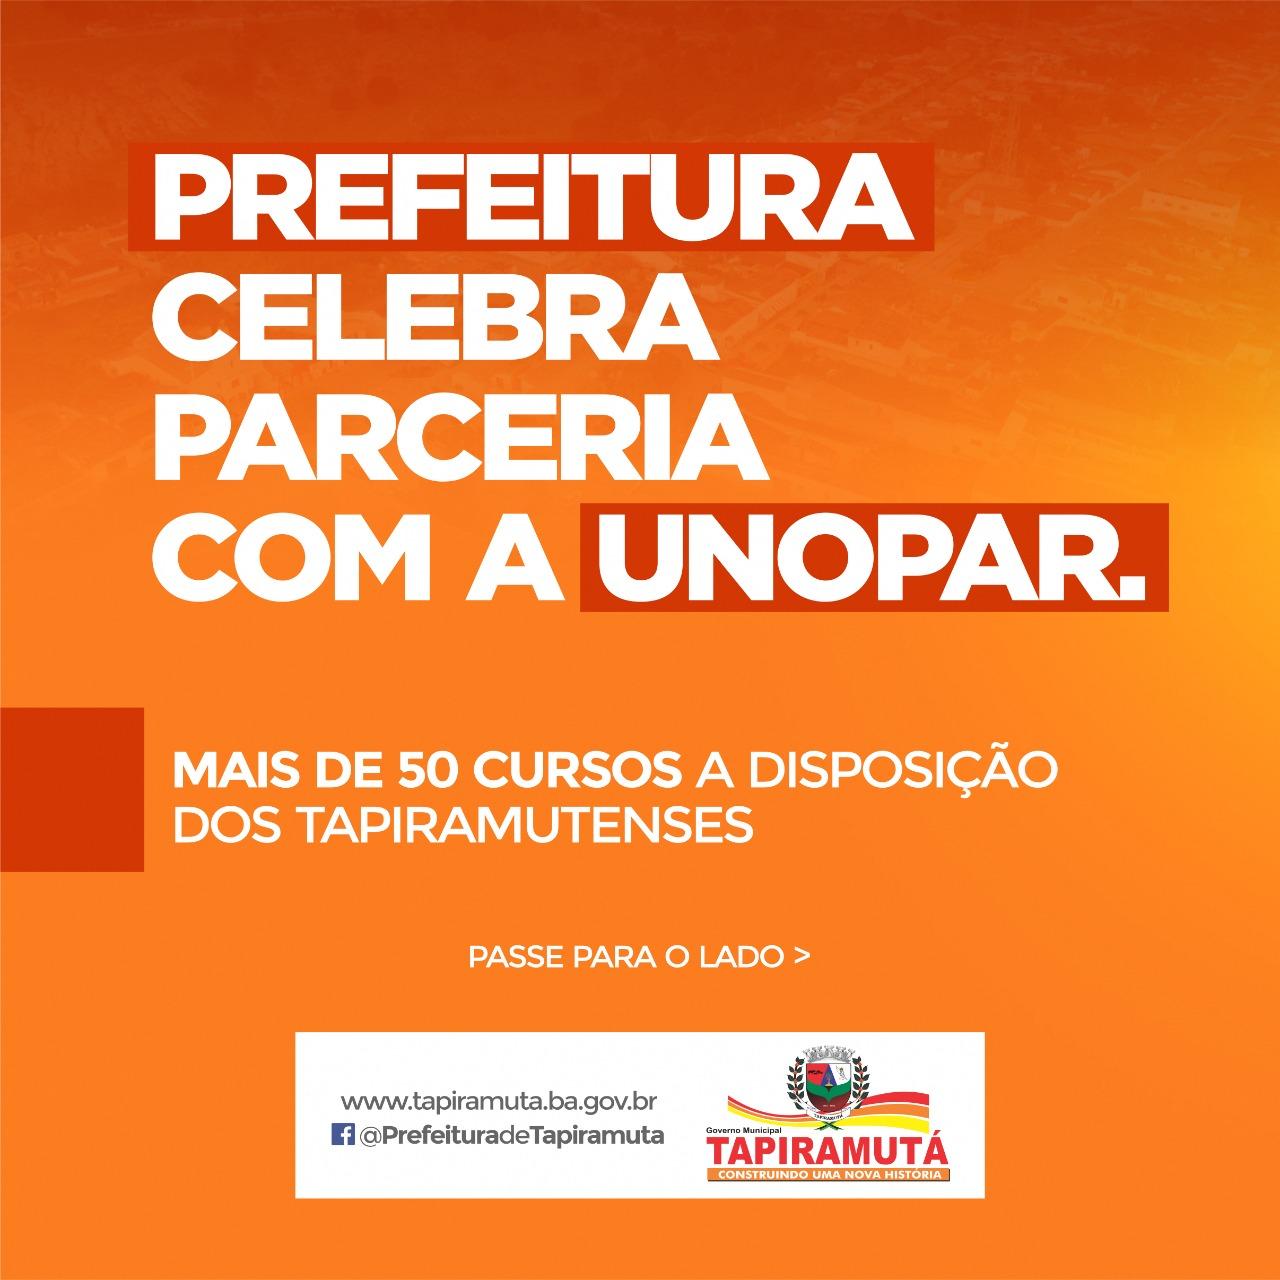 Prefeitura de Tapiramutá celebra parceria com a faculdade UNOPAR